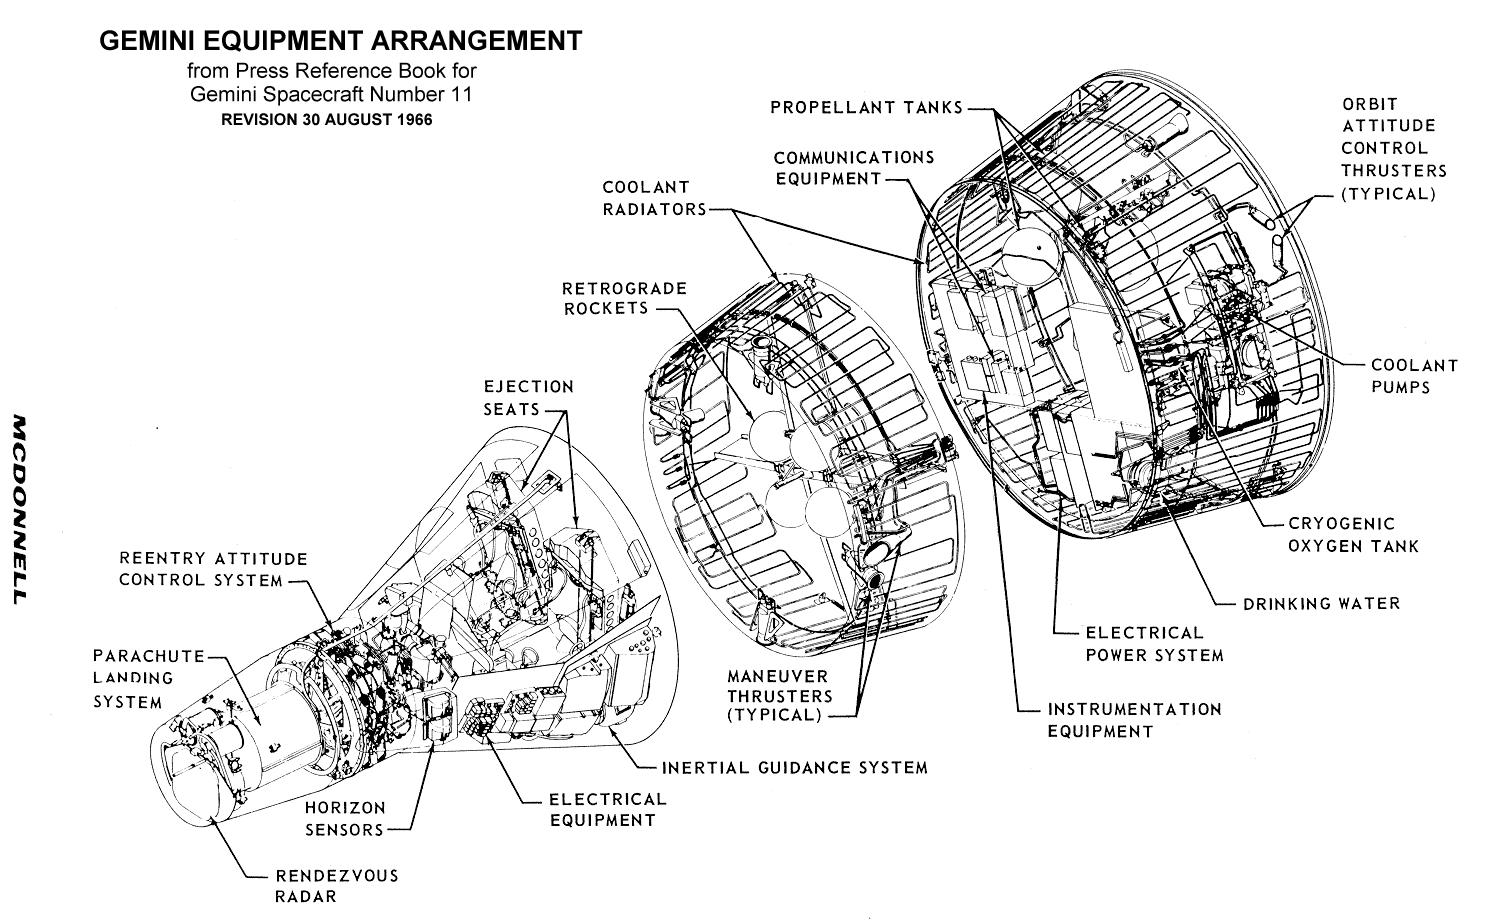 File Gemini Spacecraft Equipment Arrangement